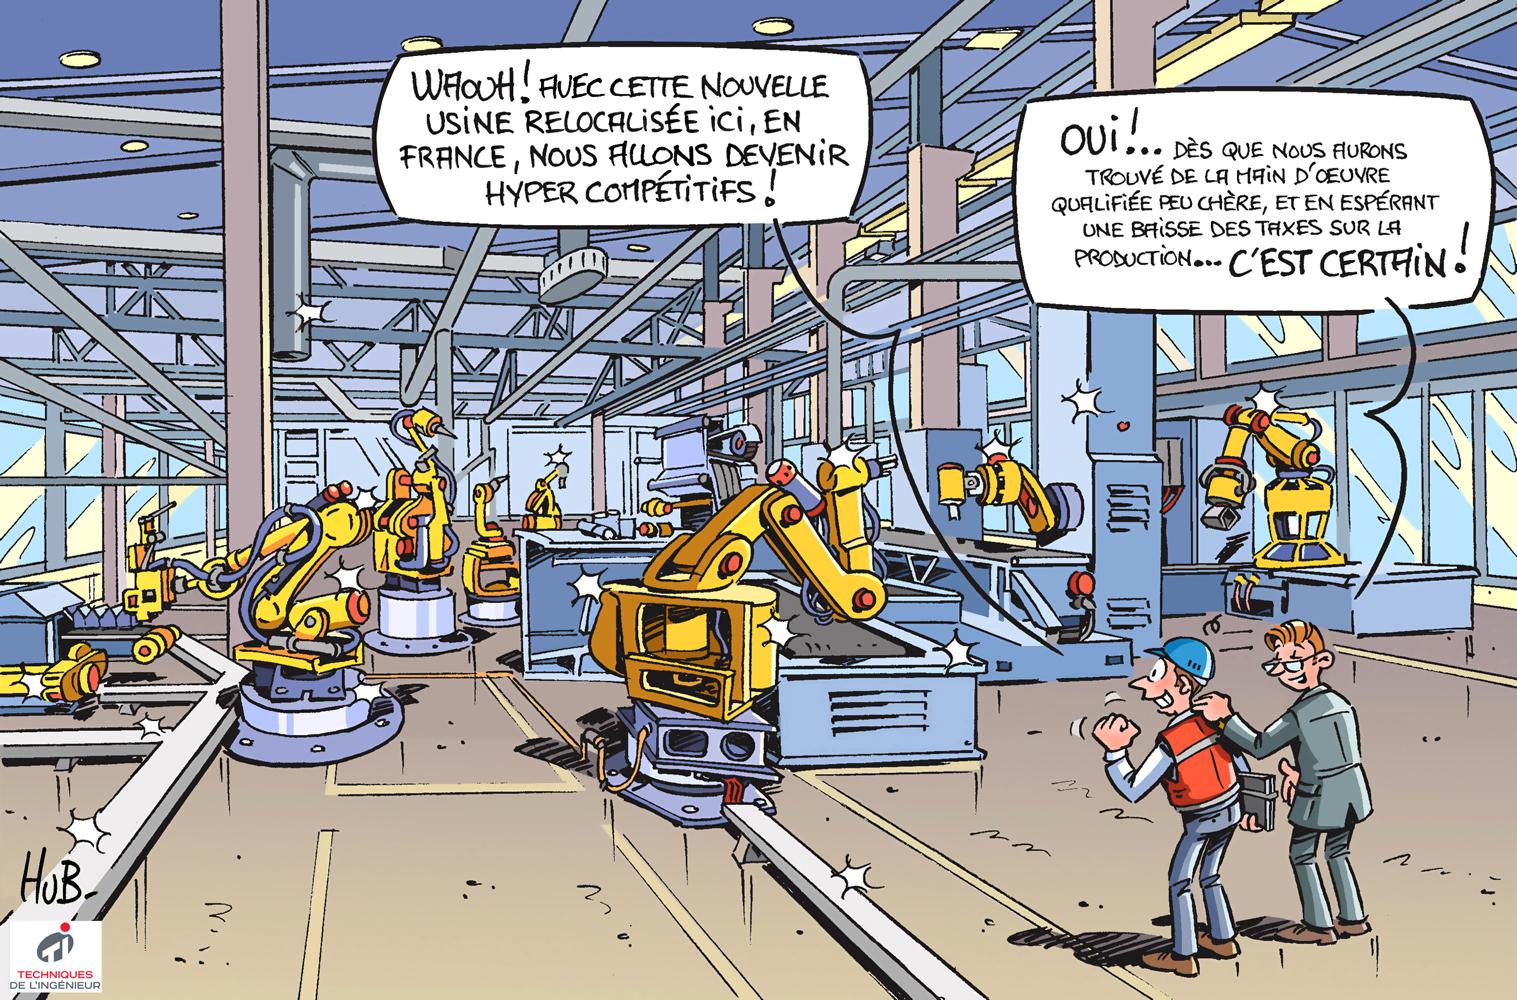 Dessin L'industrie parie sur la relocalisation